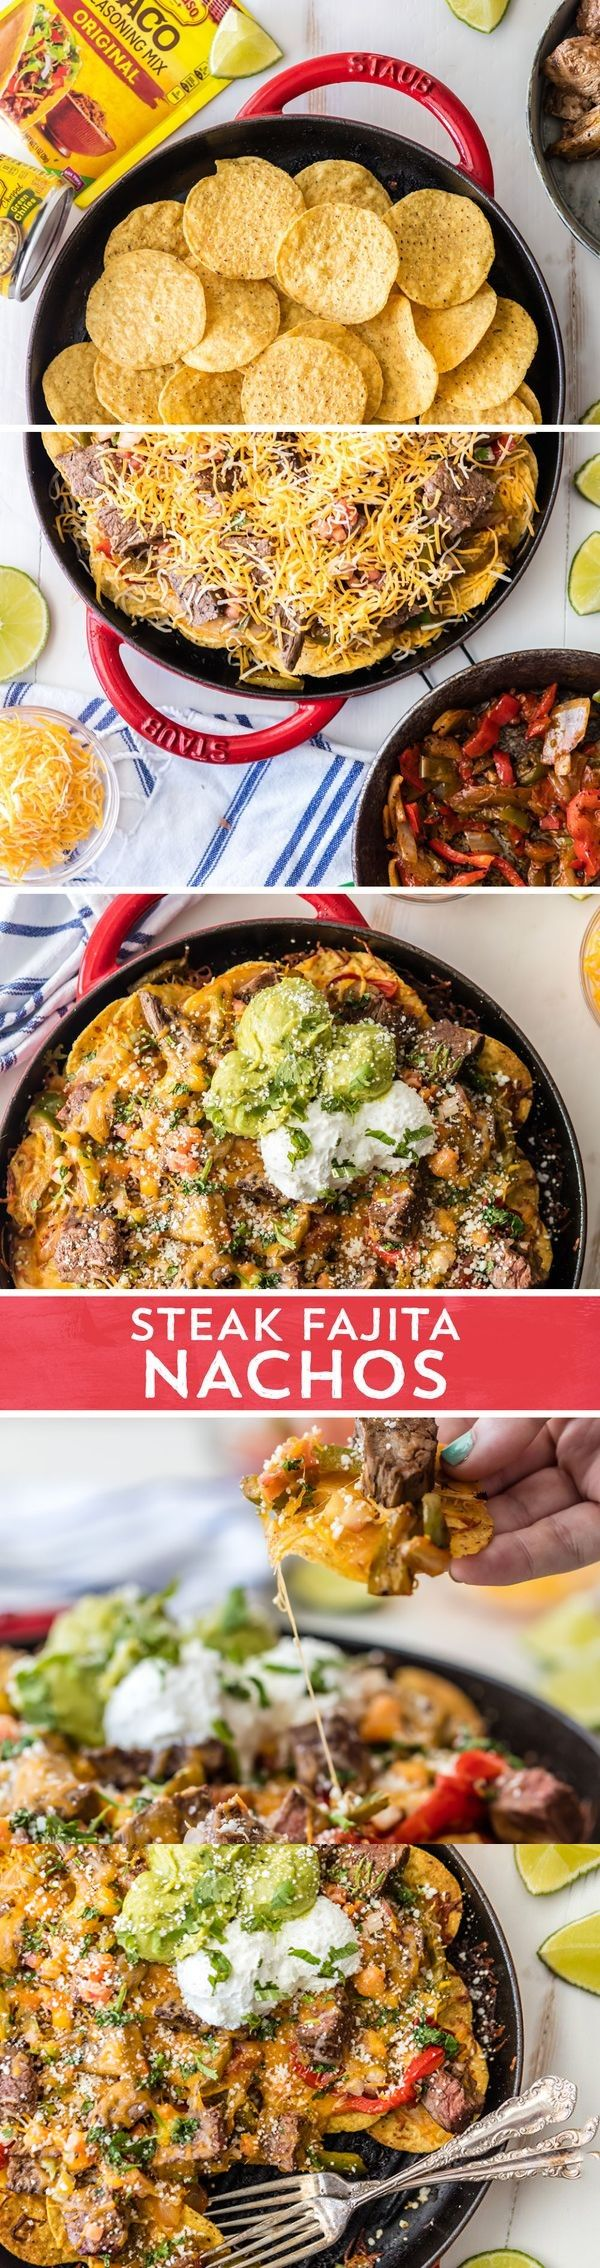 Steak Fajita Nachos